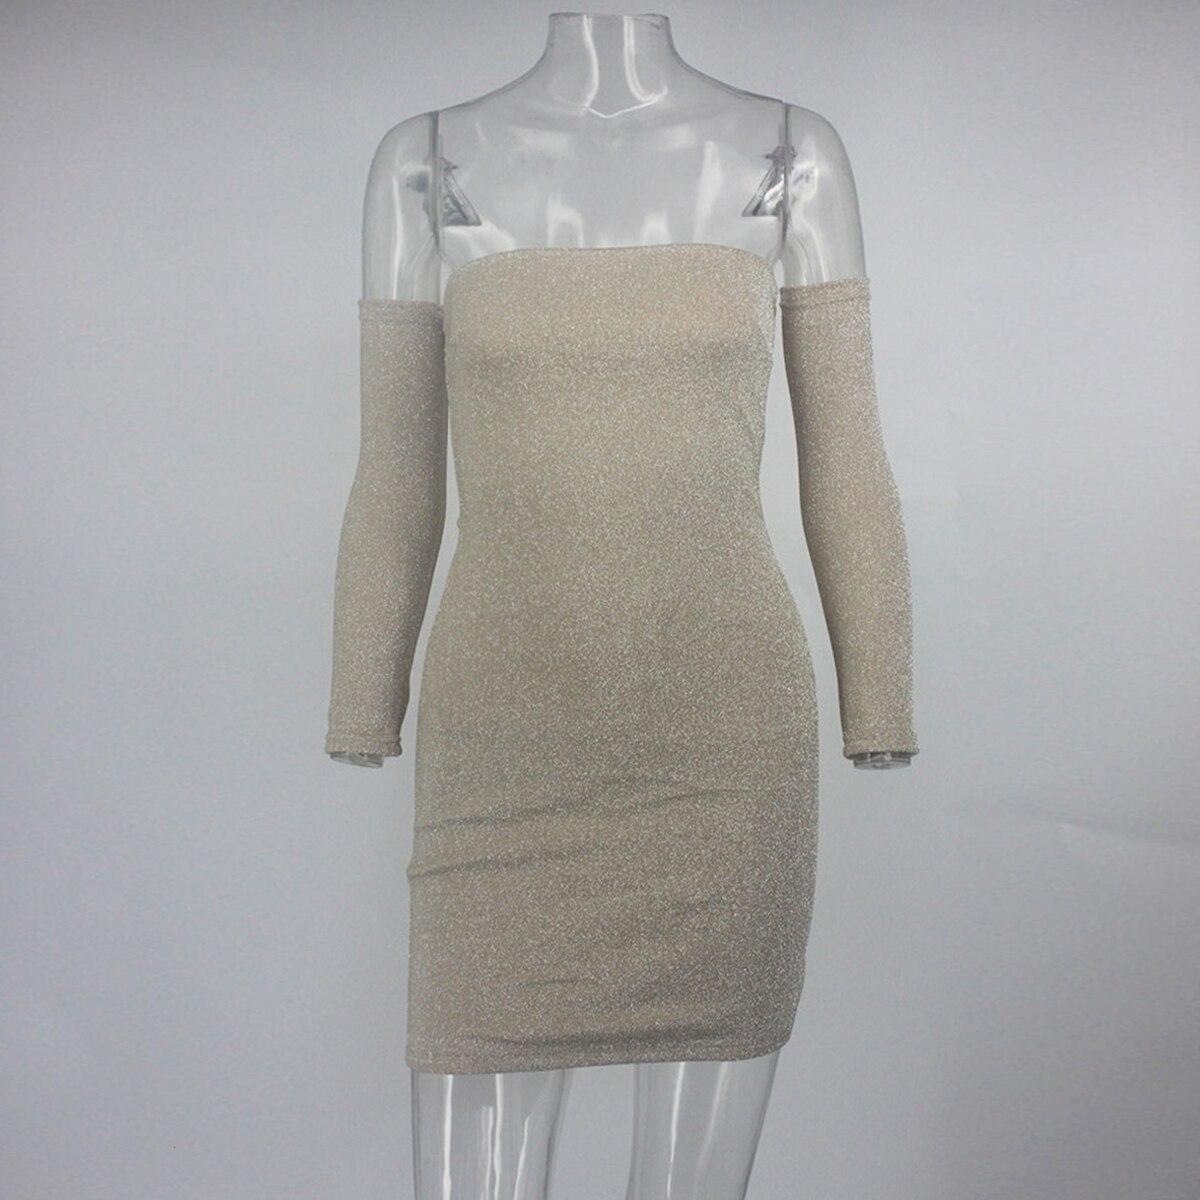 NATTEMAID Off Shoulder błyszcząca obcisła sukienka damska z długim rękawem seksowna sukienka damska jesienno-zimowa elegancka klubowa suknia wieczorowa